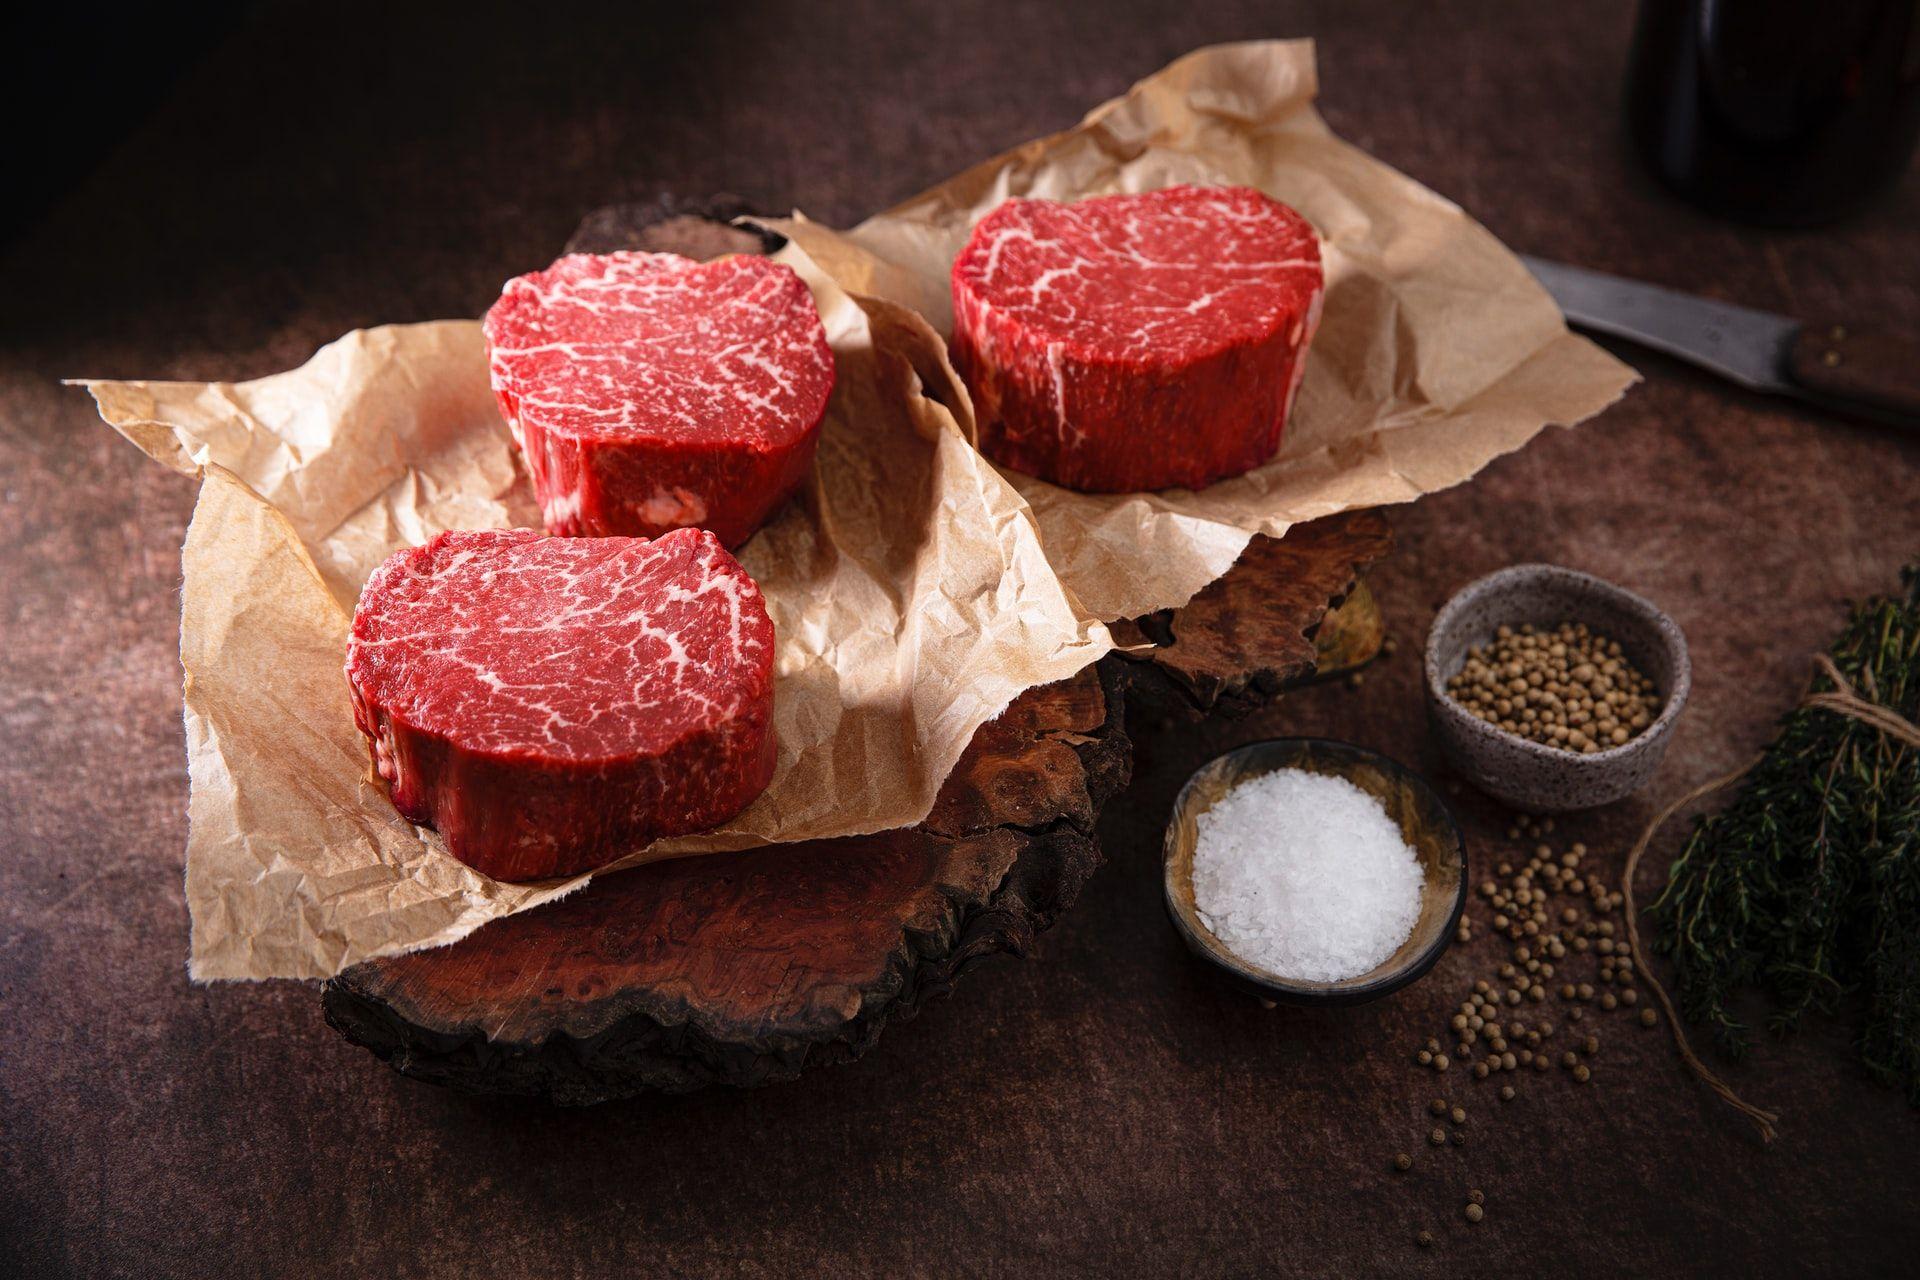 Телеканал Fox News поширив фейк про те, що Байден просить американців перестати їсти червоне м'ясо